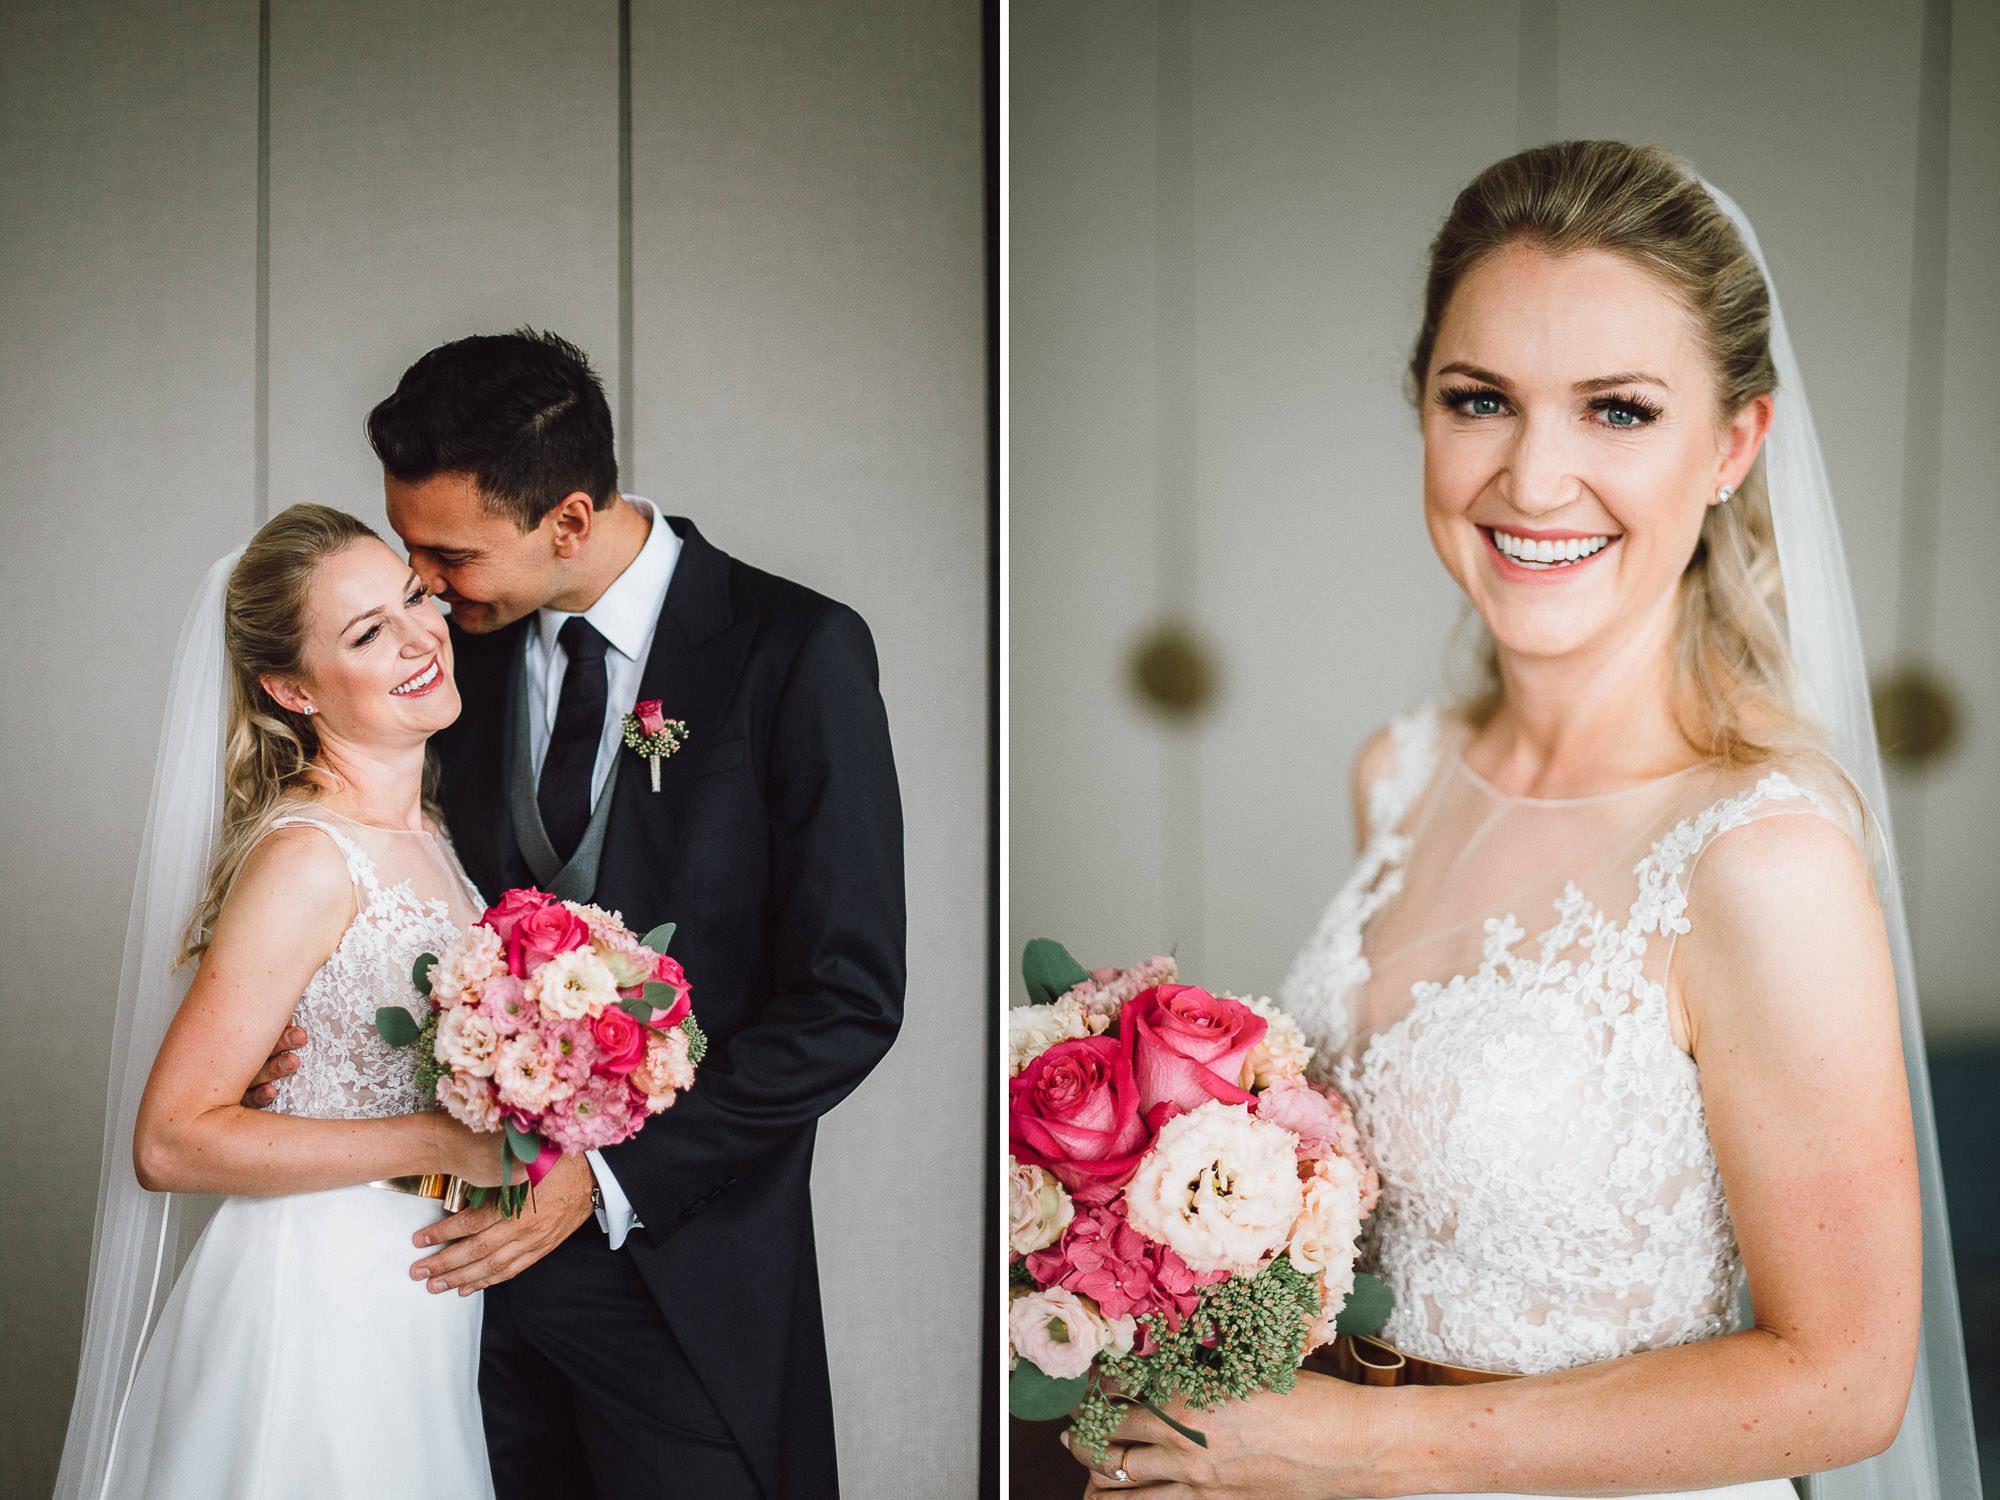 Brautpaarfotos im Hotelzimmer